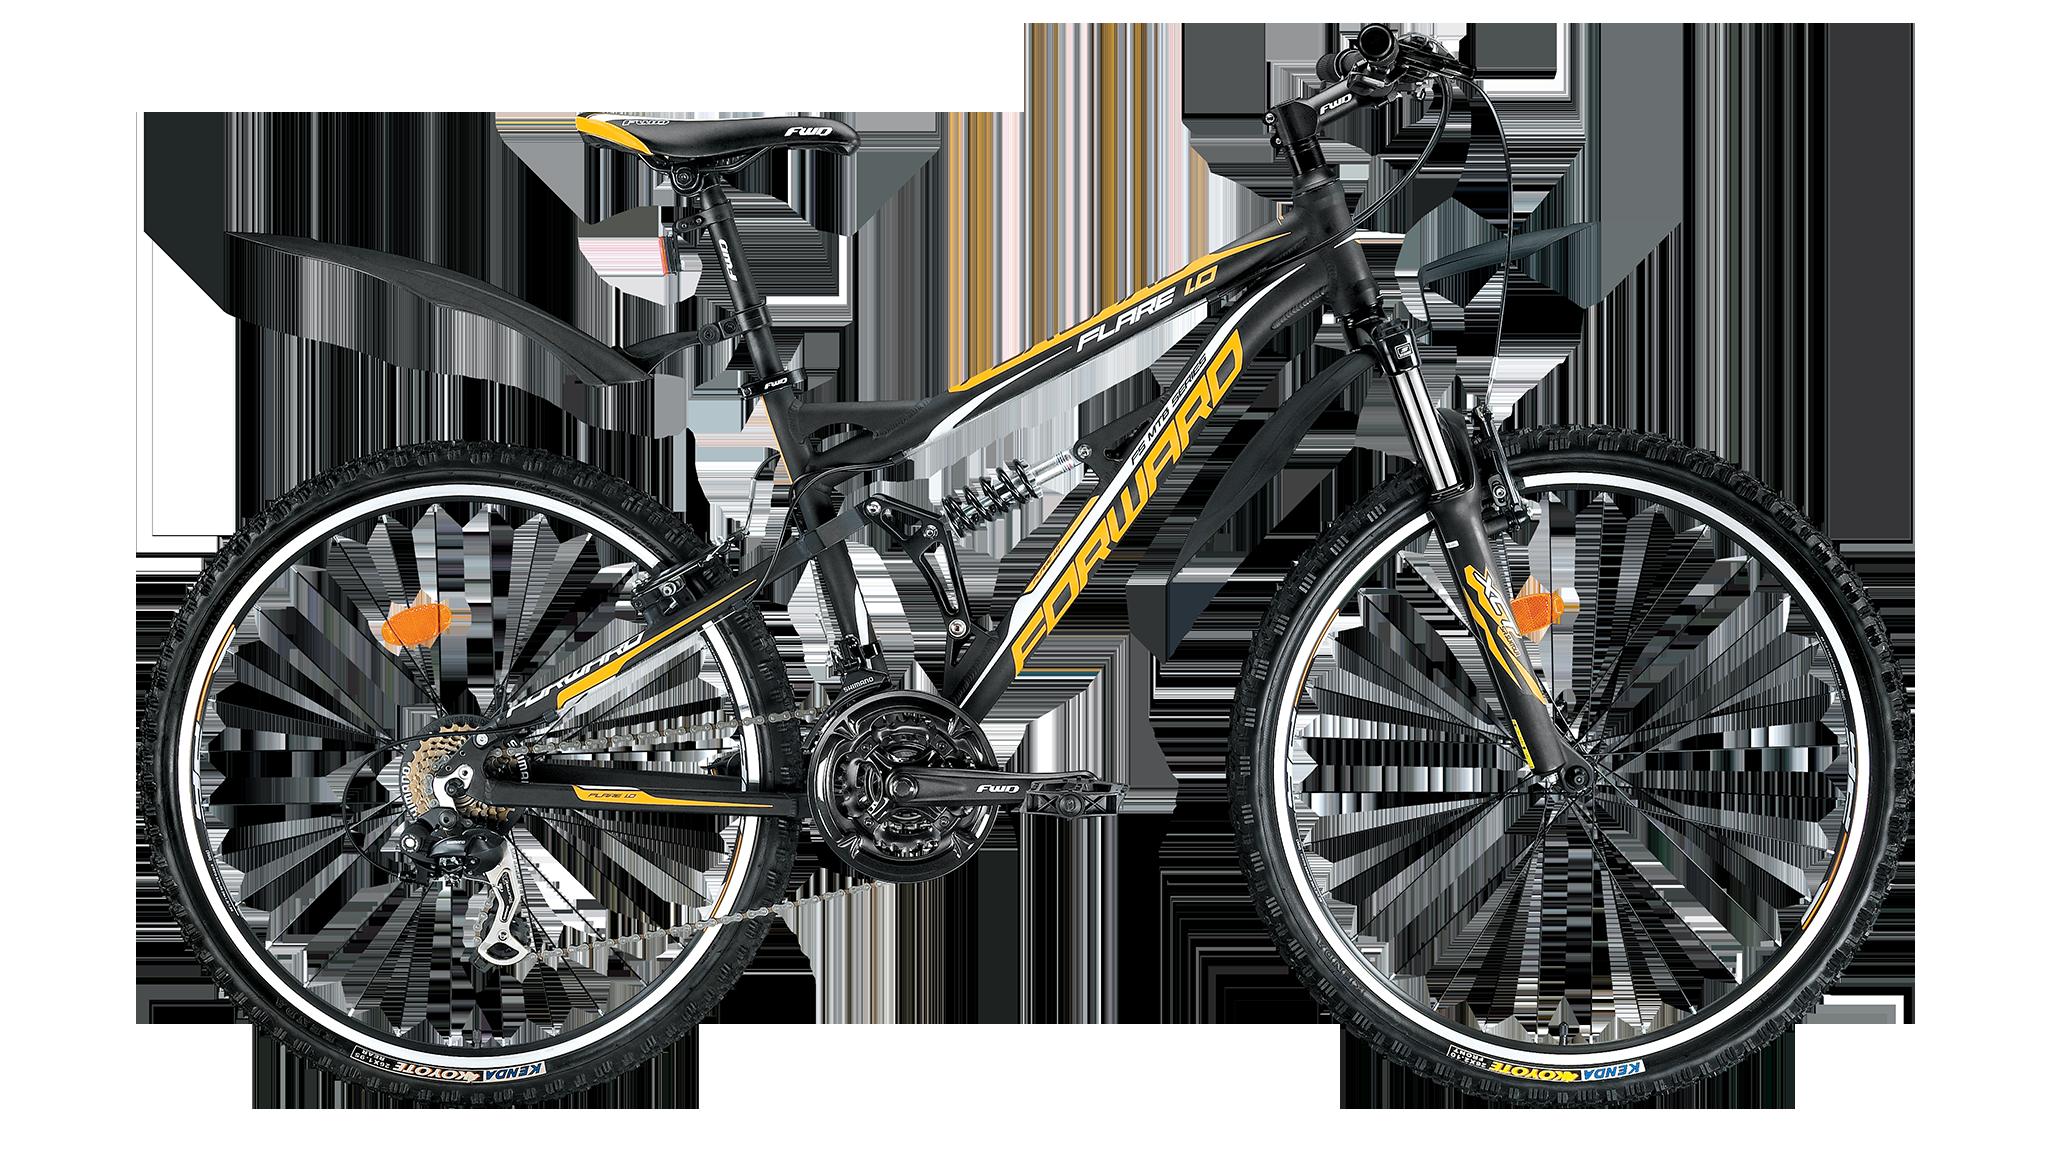 Forward Flare 1.0 (2014)Горные<br>Двухподвесный горный велосипед FORWARD FLARE 1.0 (2014) создан для катания по пересечённой местности. Алюминиевая рама велосипеда обладает высокой прочностью, а также малым весом, что немаловажно для велосипедов данного типа. На велосипеде установлены ободные тормоза V-Brake - такие тормоза обладают высокой эффективностью и ремонтопригодностью.<br>Подвеска на этом велосипеде однорычажная, что повышает удобство и безопасность катания по большим неровностям. Задний и передний переключатели и 21 скоростной режим обеспечат грамотное распределение нагрузки как при спуске, так и при подъёме в горку. Колёса этого велосипеда собраны на базе лёгких и прочных двойных ободов диаметром 26 дюймов. Велосипед укомплектован крыльями, служащими для защиты велосипедиста от воды и грязи.<br>